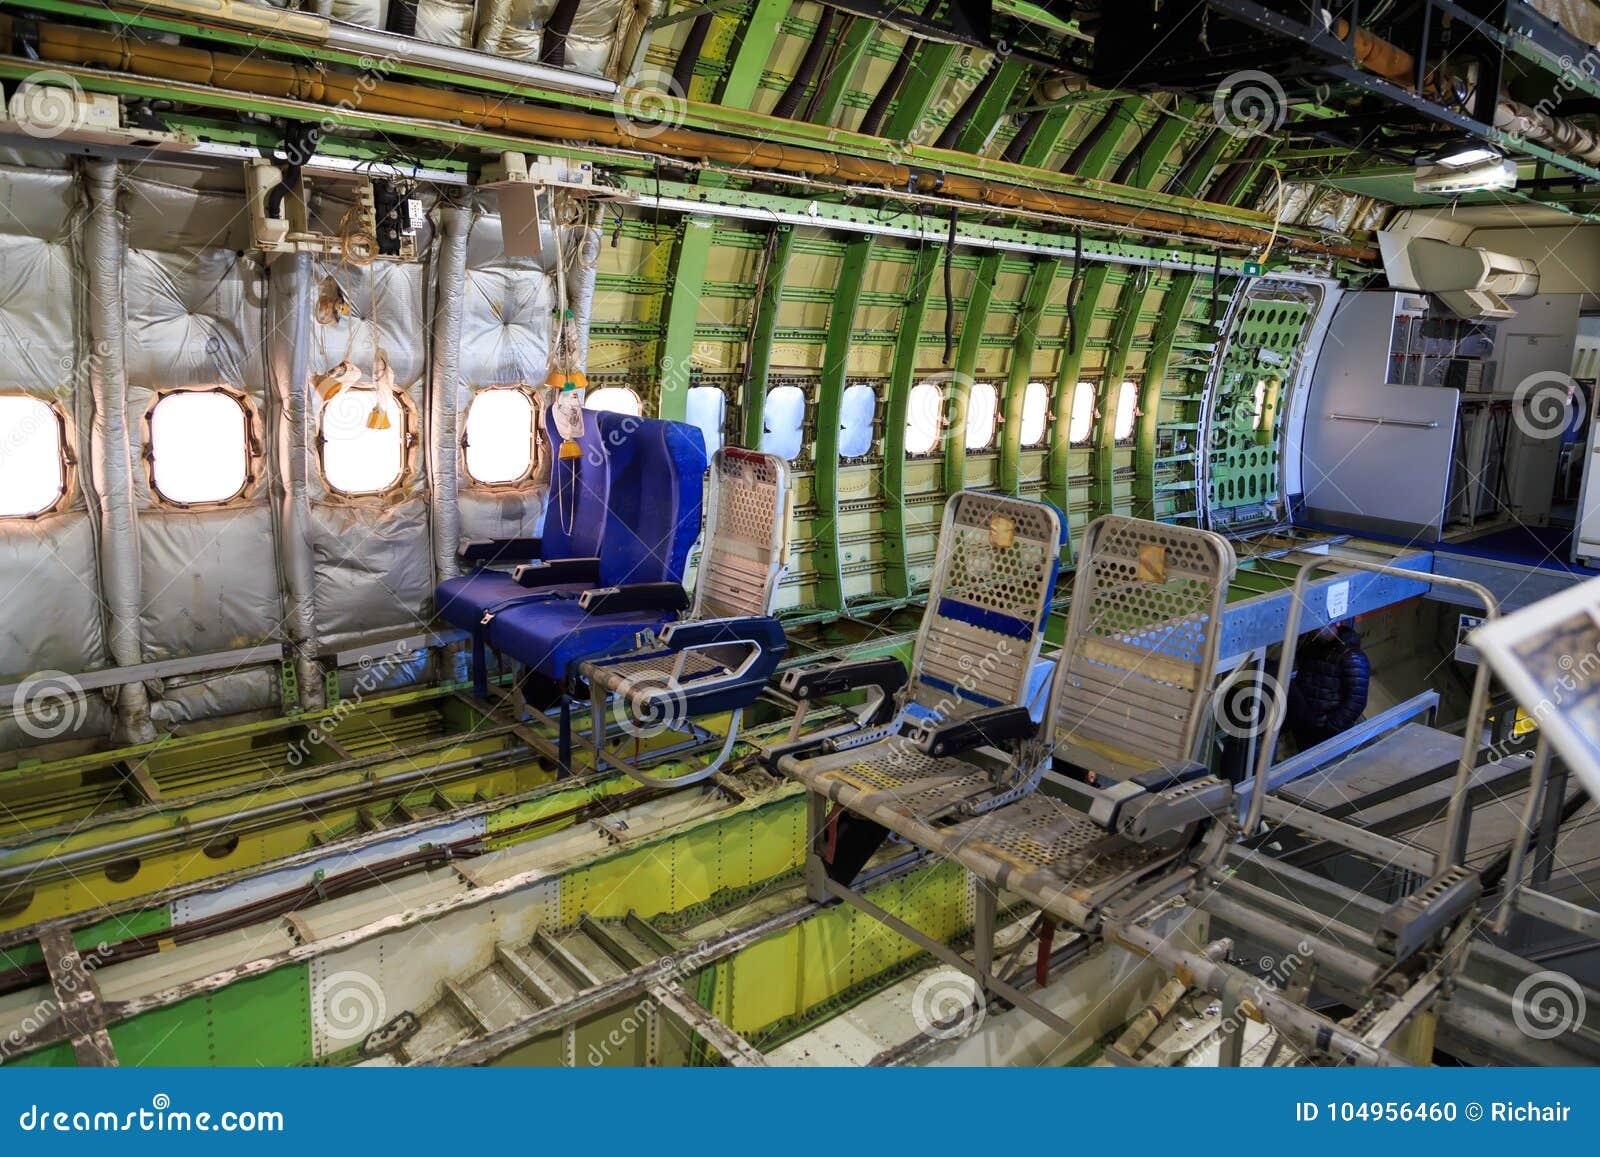 intrieur de boeing 747 dpouill